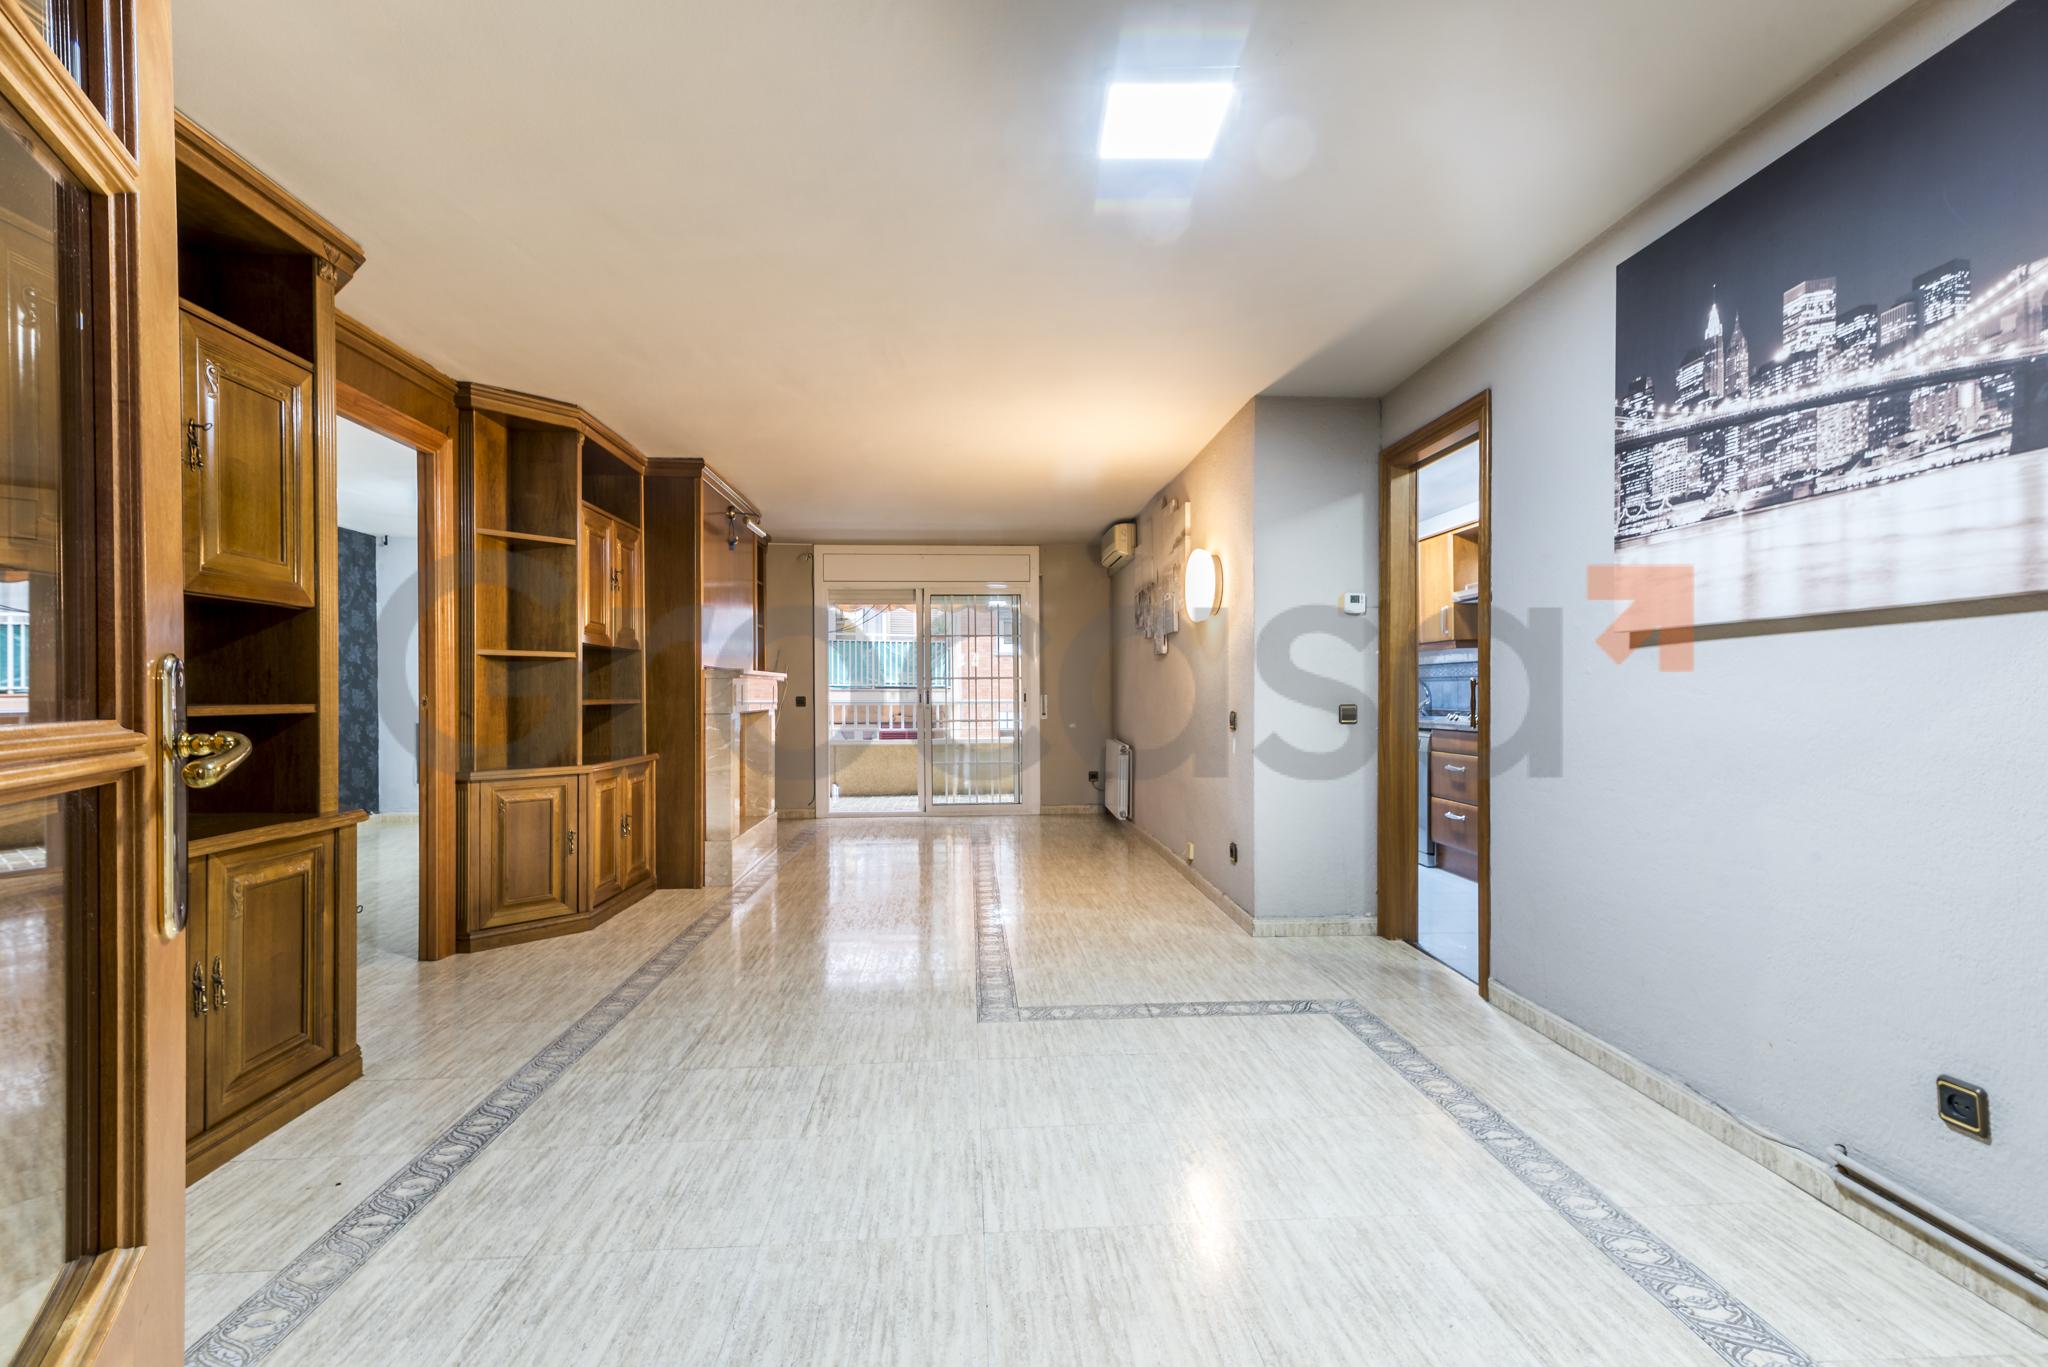 Piso en Collblanc en L'Hospitalet de llobregat en Venta por 310.000€